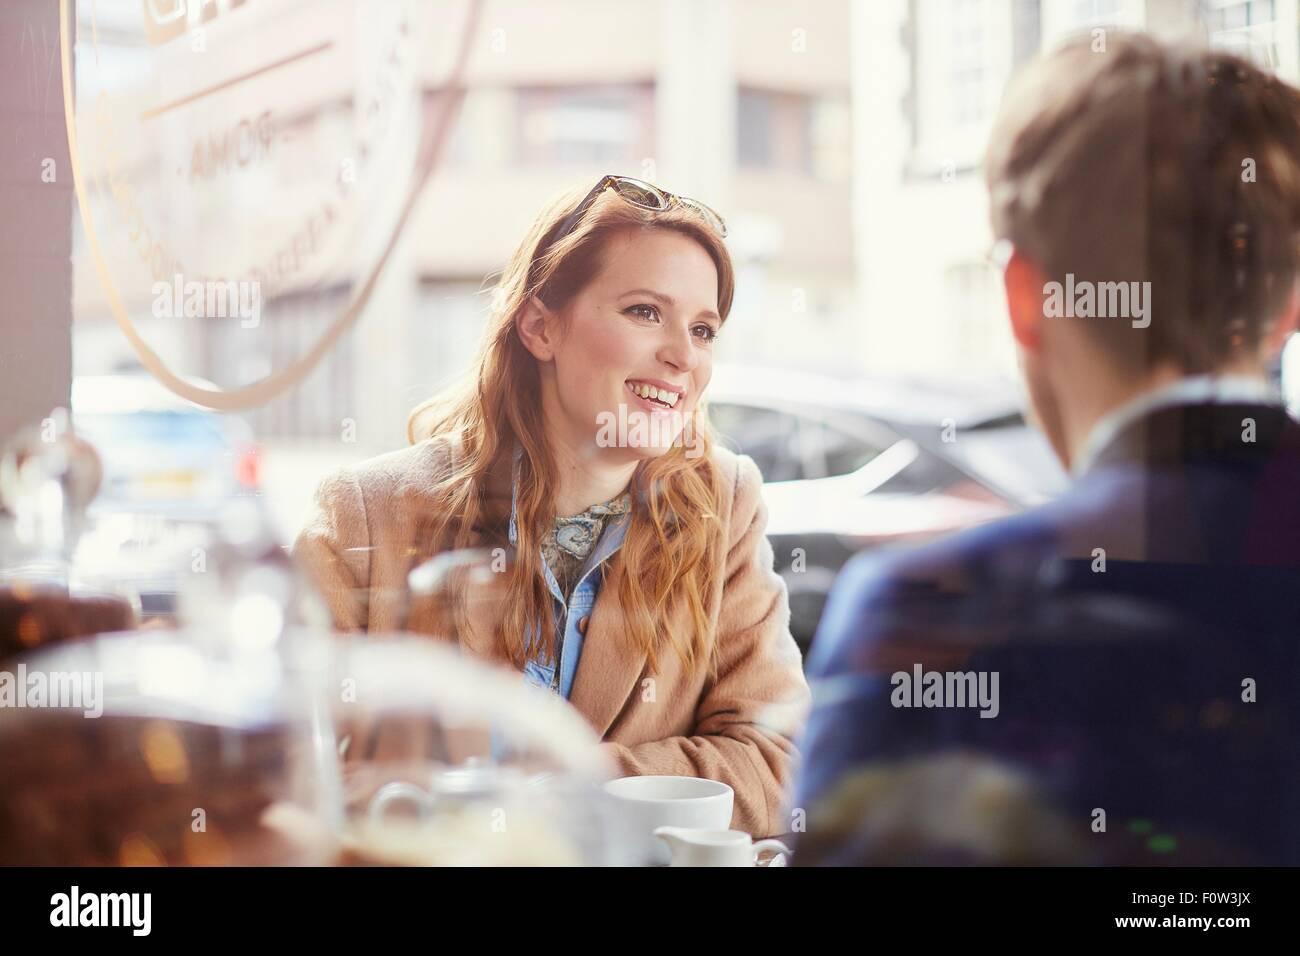 Pareja conversando en la cafetería, Londres, Reino Unido. Imagen De Stock